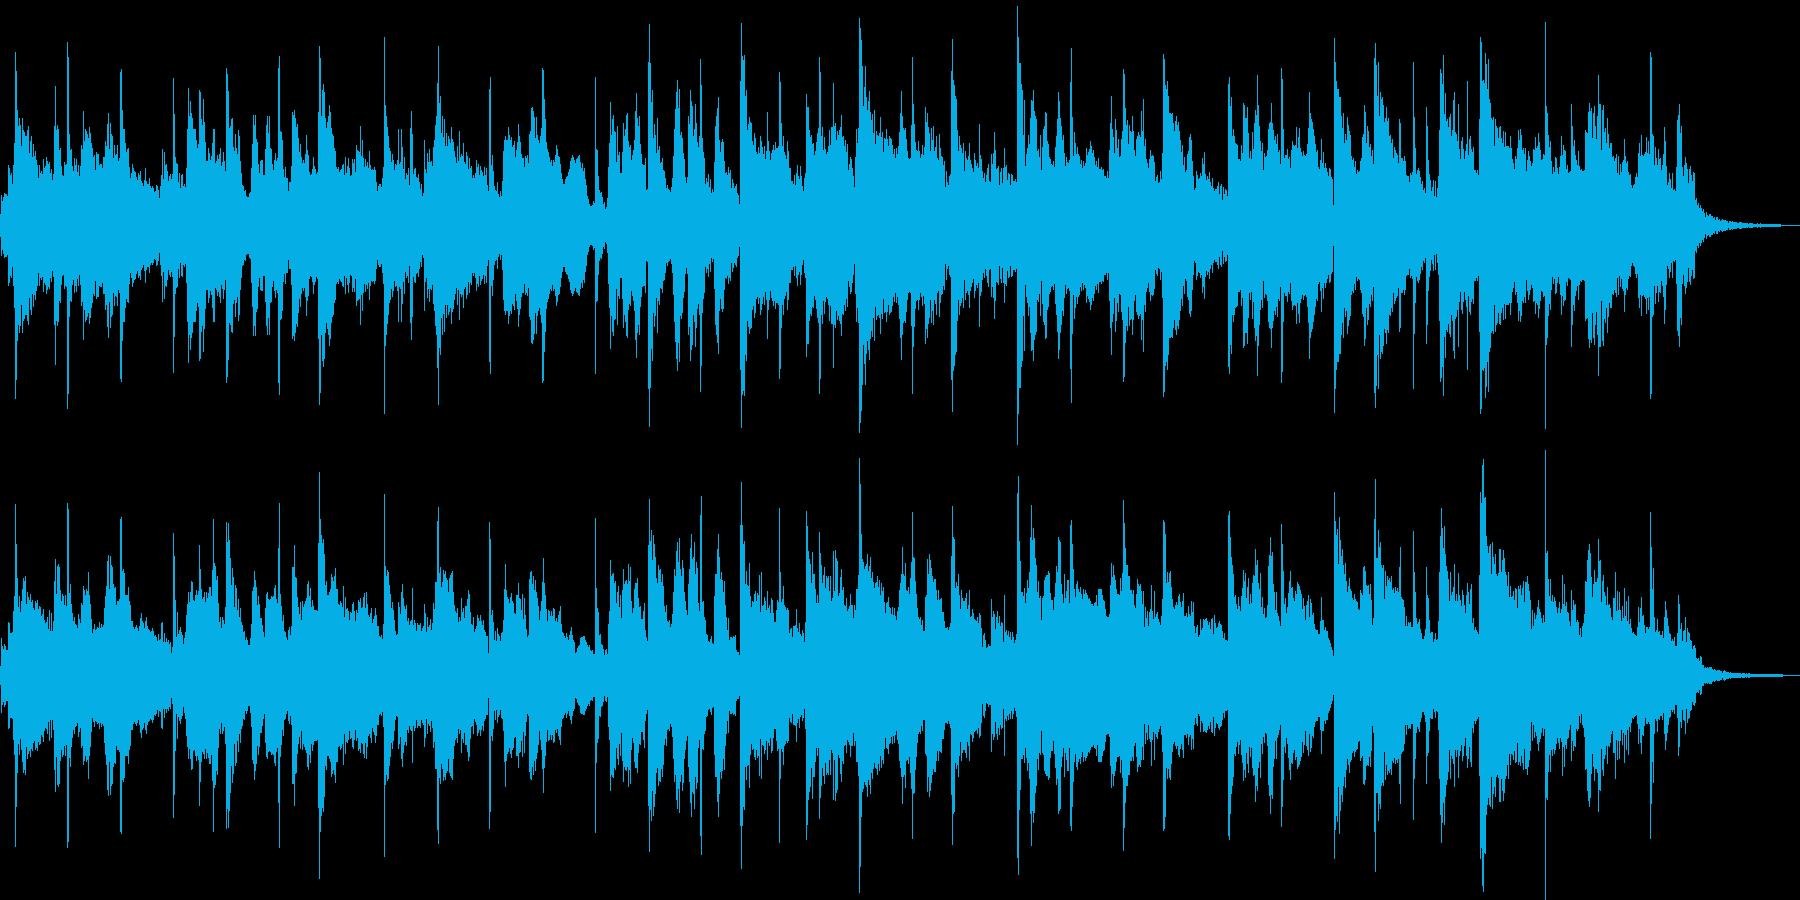 パンフルートが印象的なスムースジャズ風の再生済みの波形